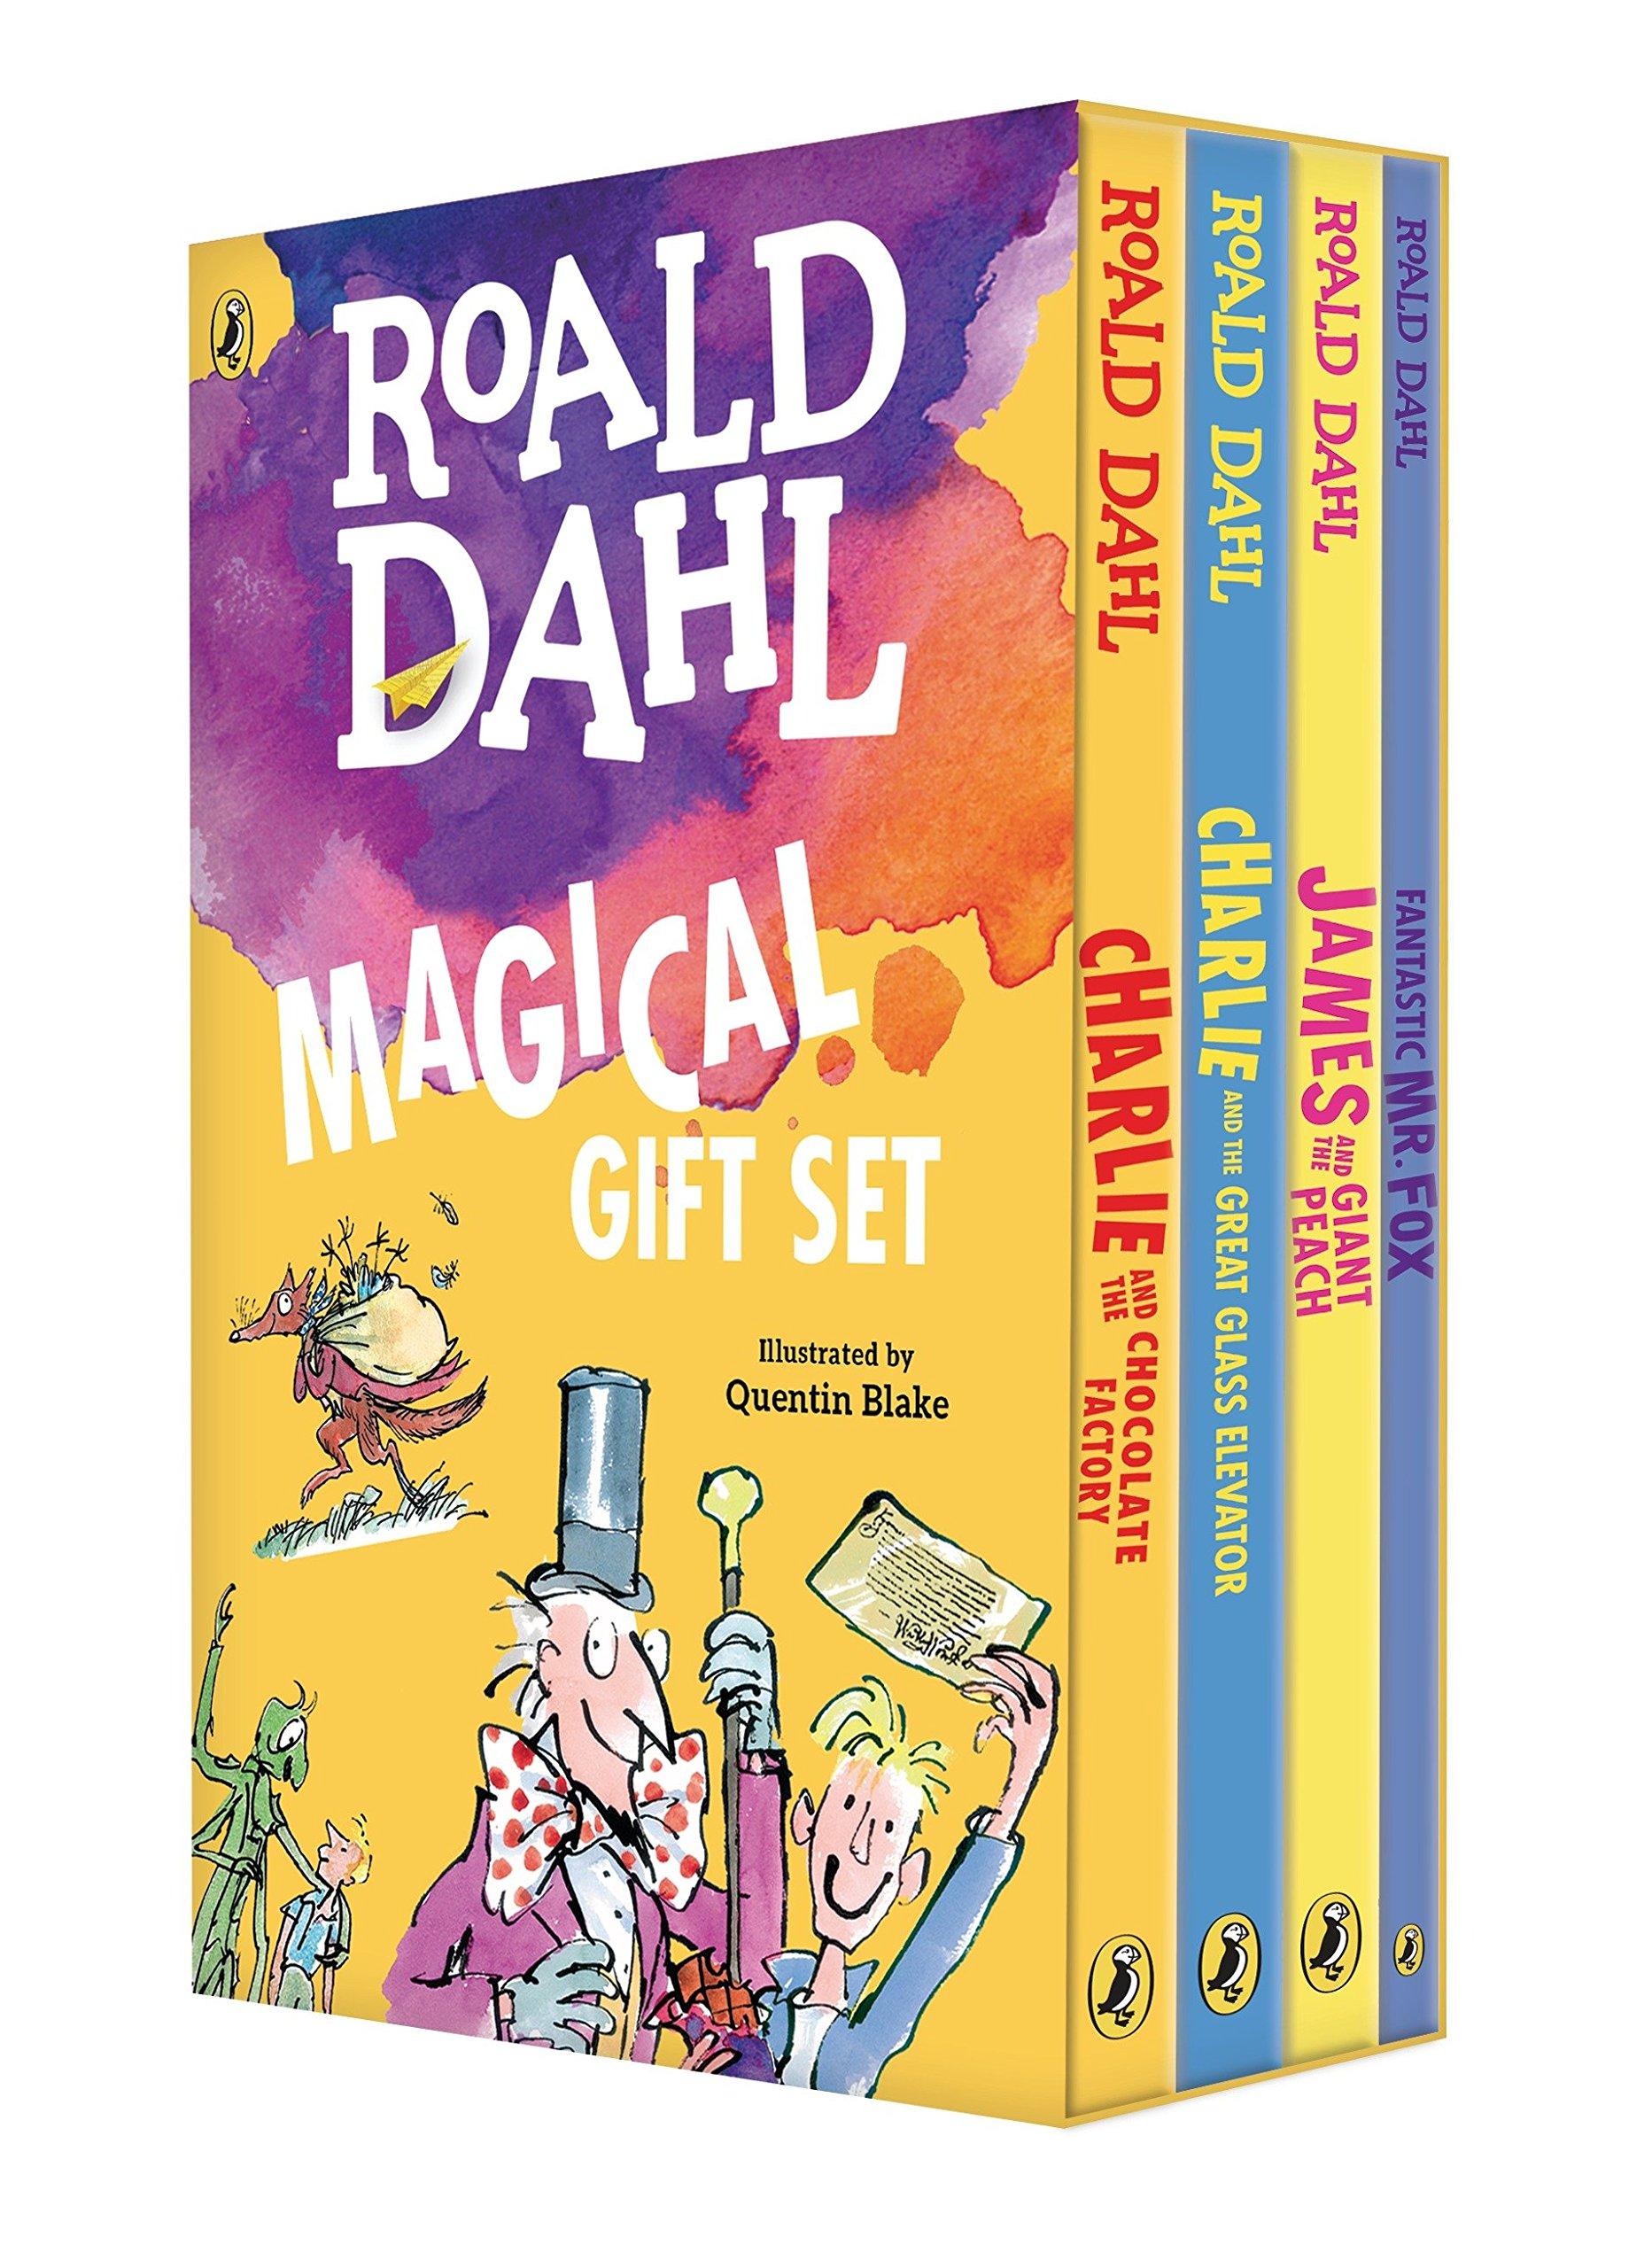 Foto de una caja con libros de Roald Dahl en inglés